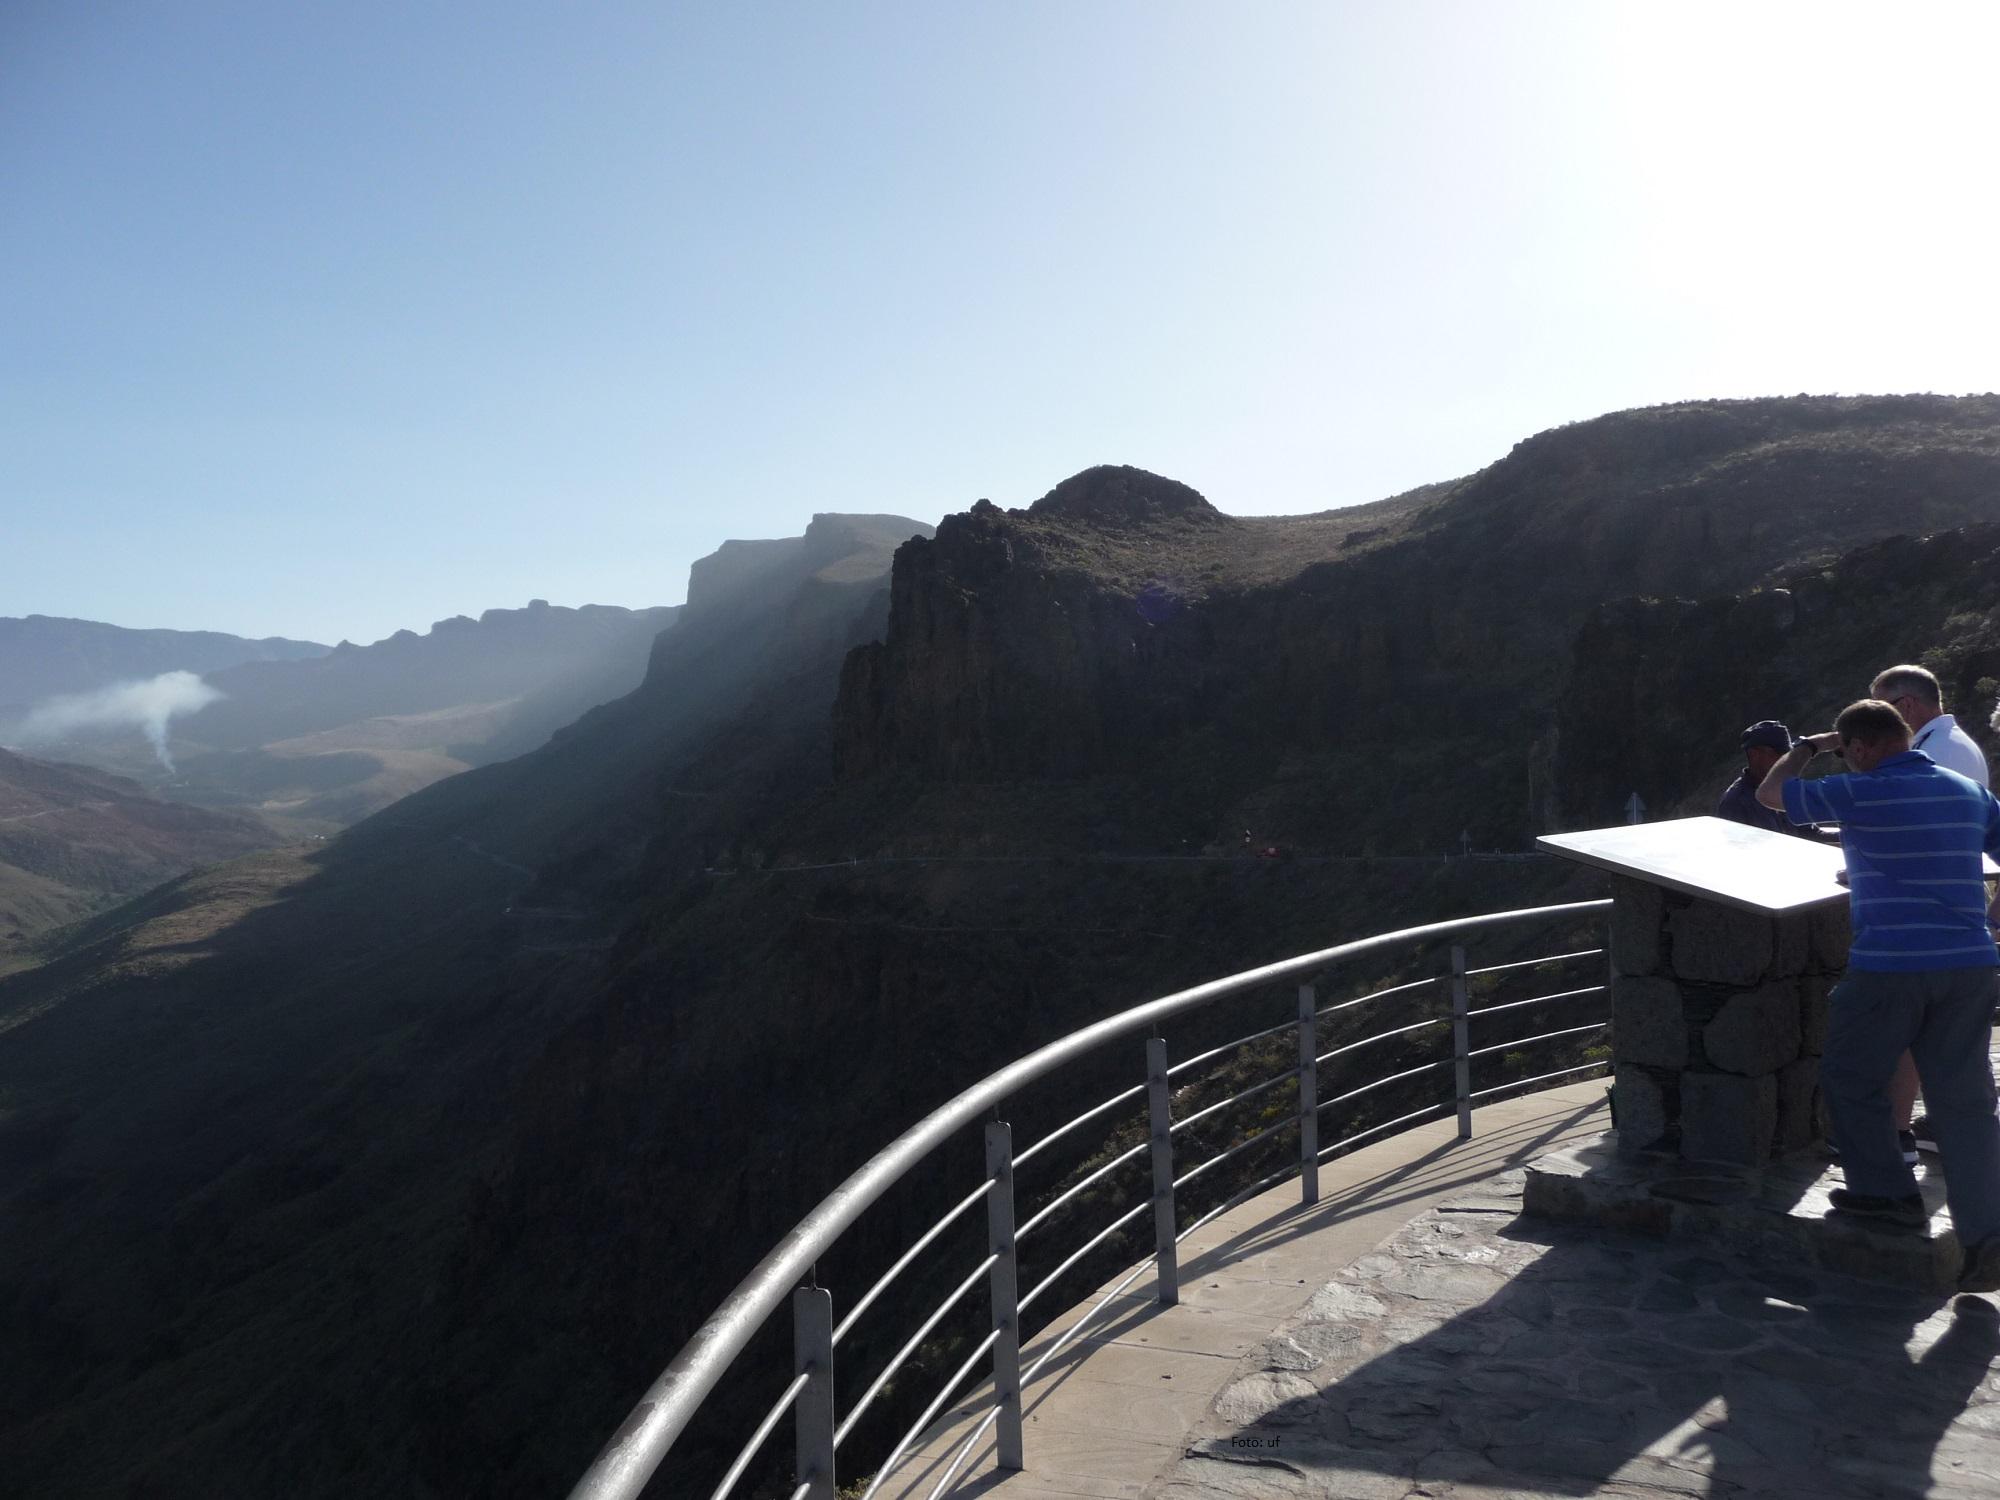 Auf Gran Canaria sind gute Aussichtspunkte für ungefährliche Foto-Stopps gebaut.